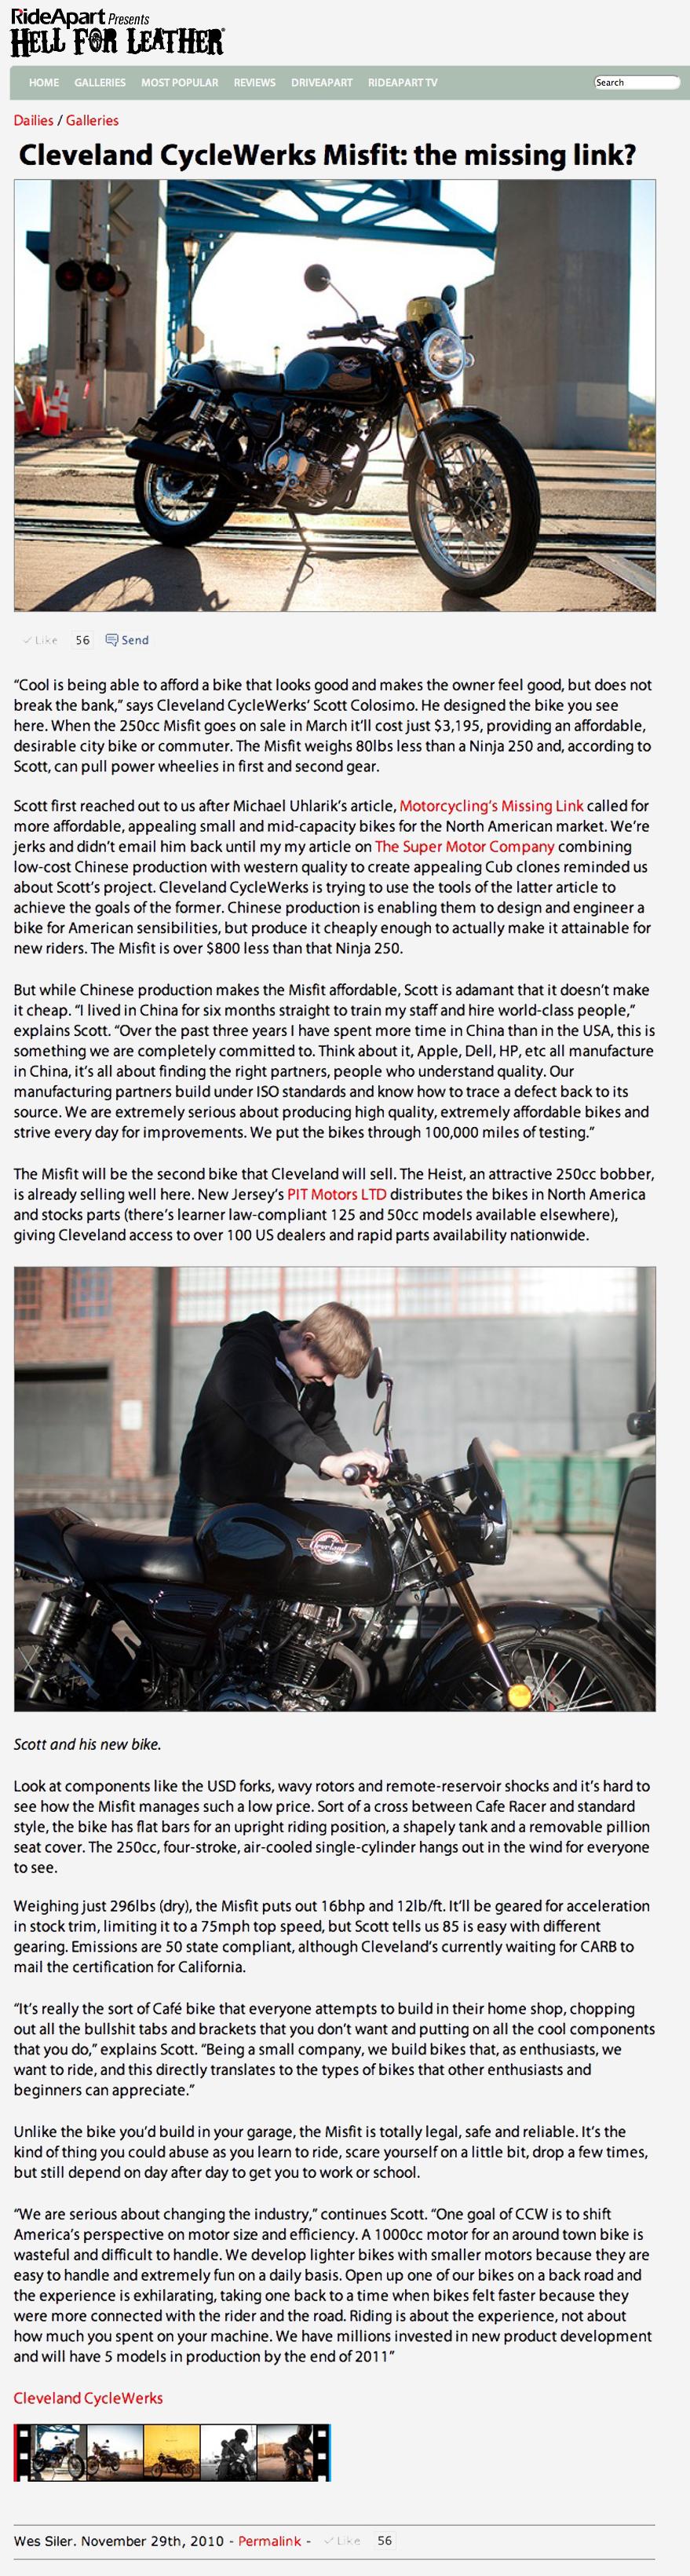 HFL Misfit Missing Link 2012.jpg